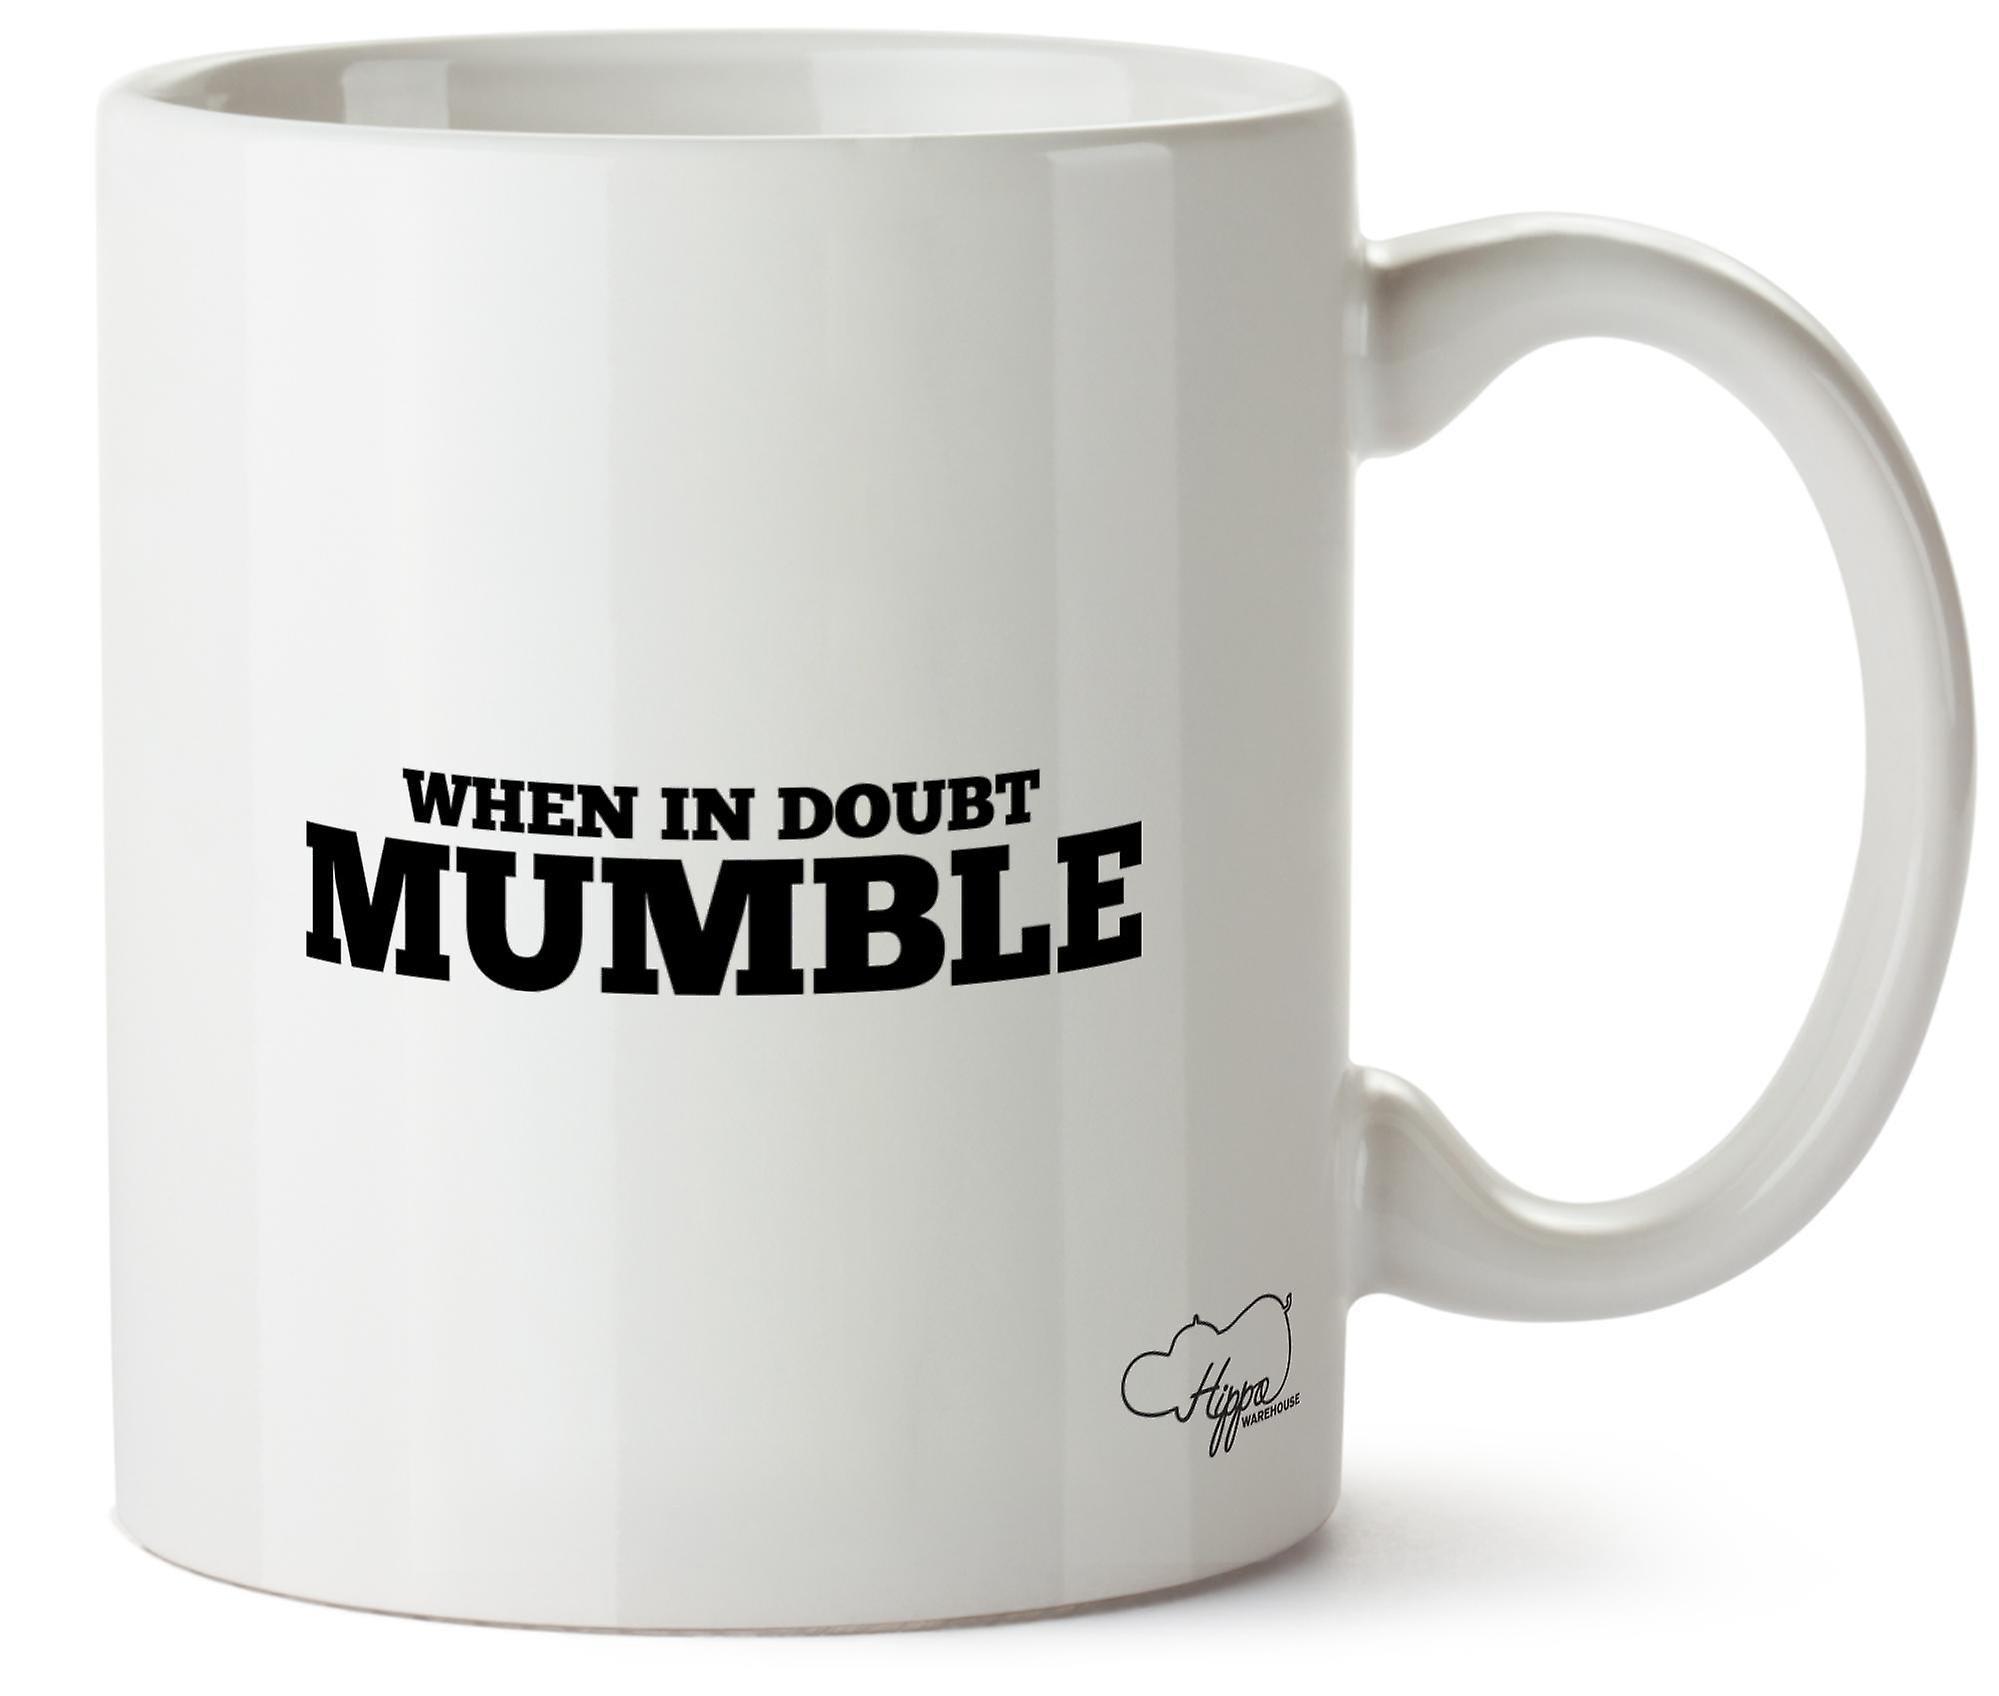 Когда в сомнения Mumble 10oz кружка подарок Кубок Кухонные товары для дома